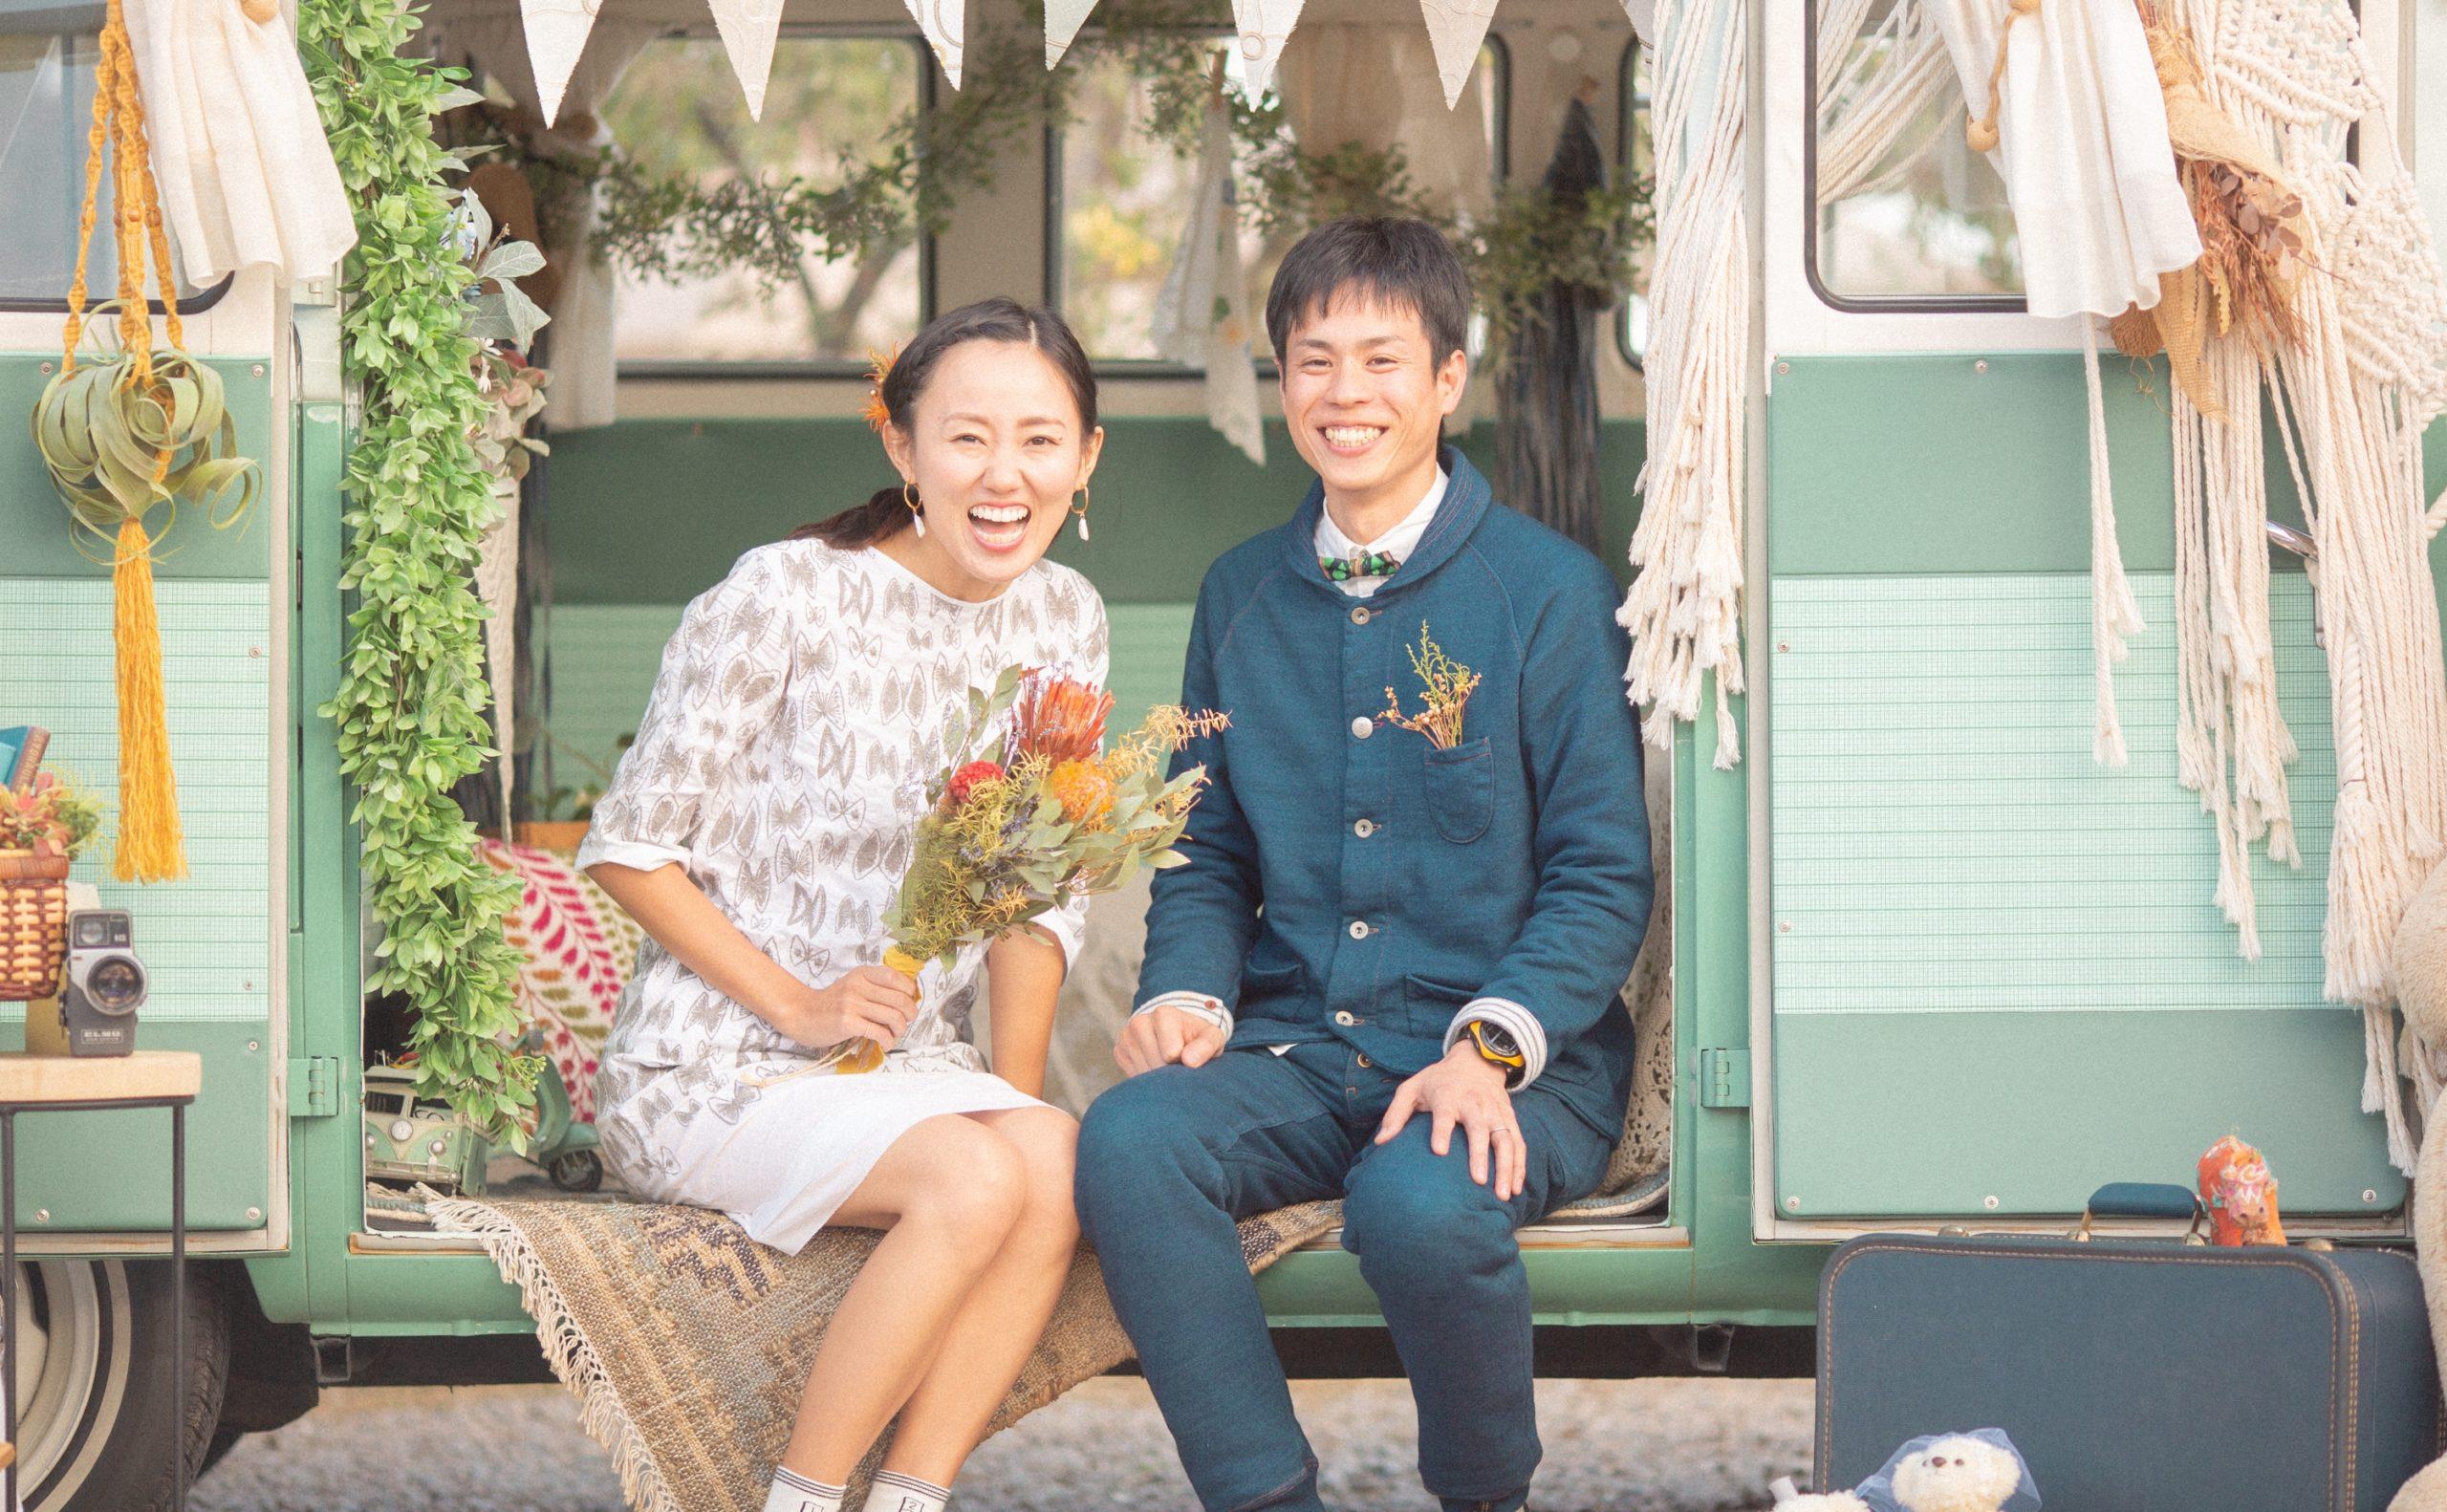 ん よしみ ん とおる 大阪市内で車中泊!「カーステイ長居公園東」でとおるんよしみんが車中泊してきた